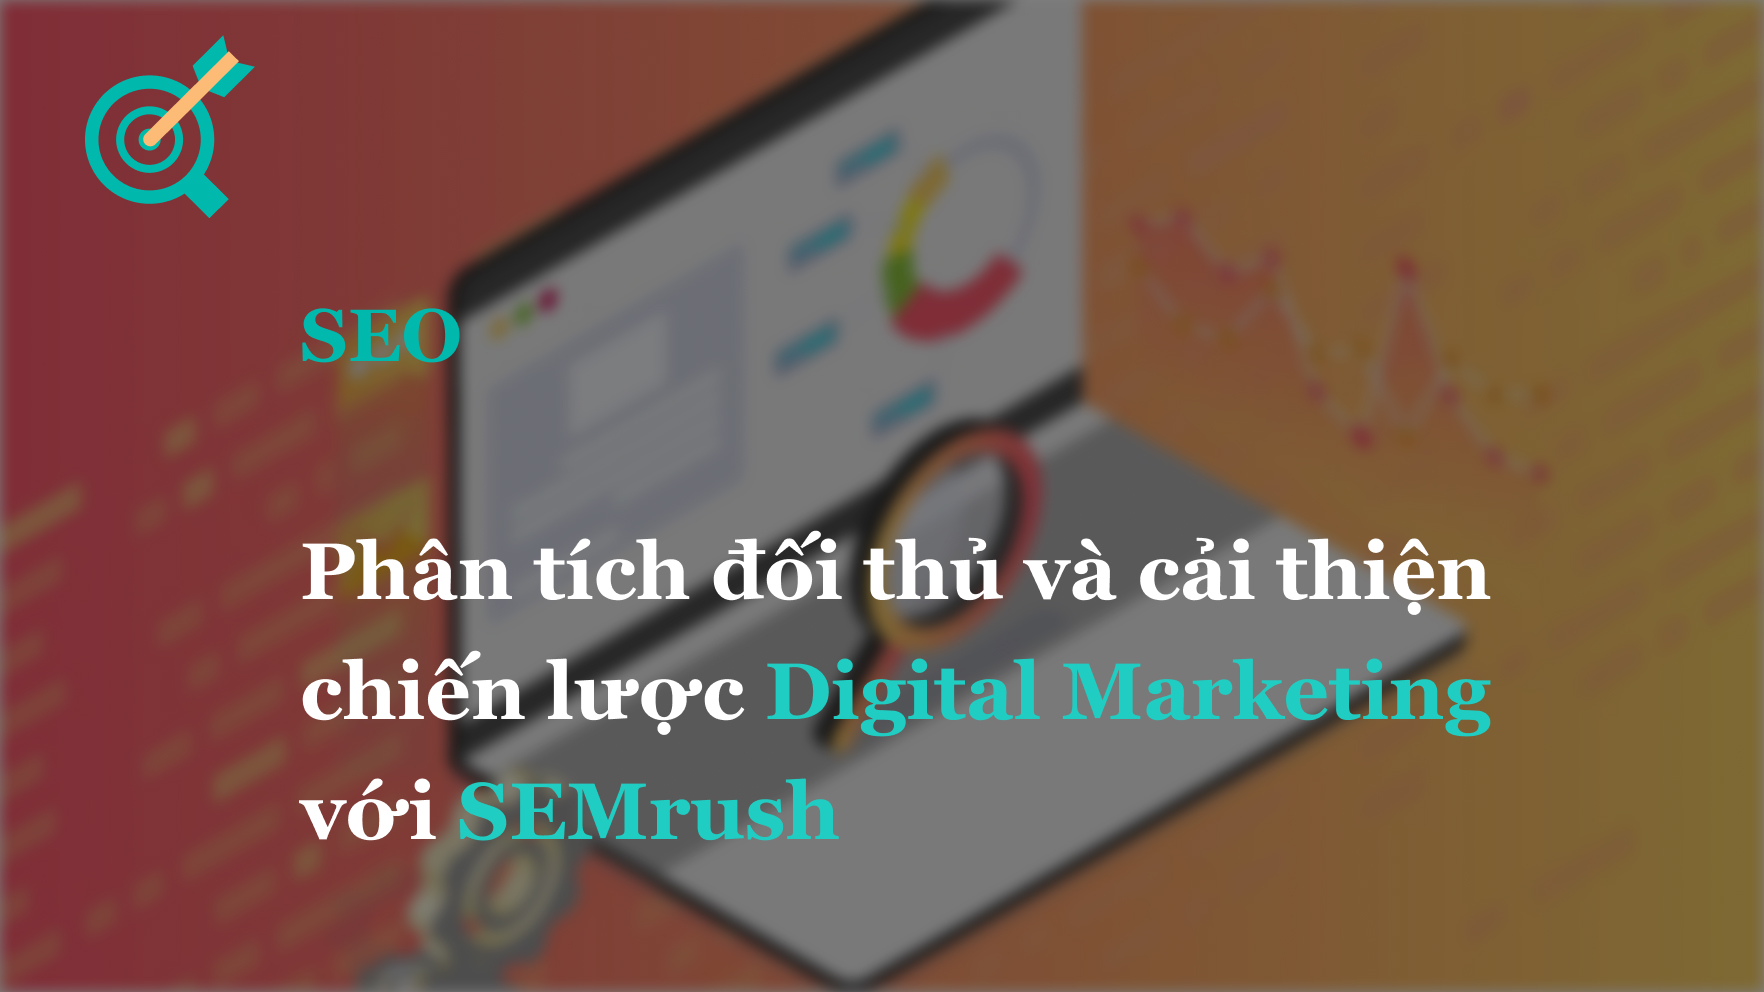 Phân tích đối thủ và cải thiện chiến lược Digital Marketing với SEMrush